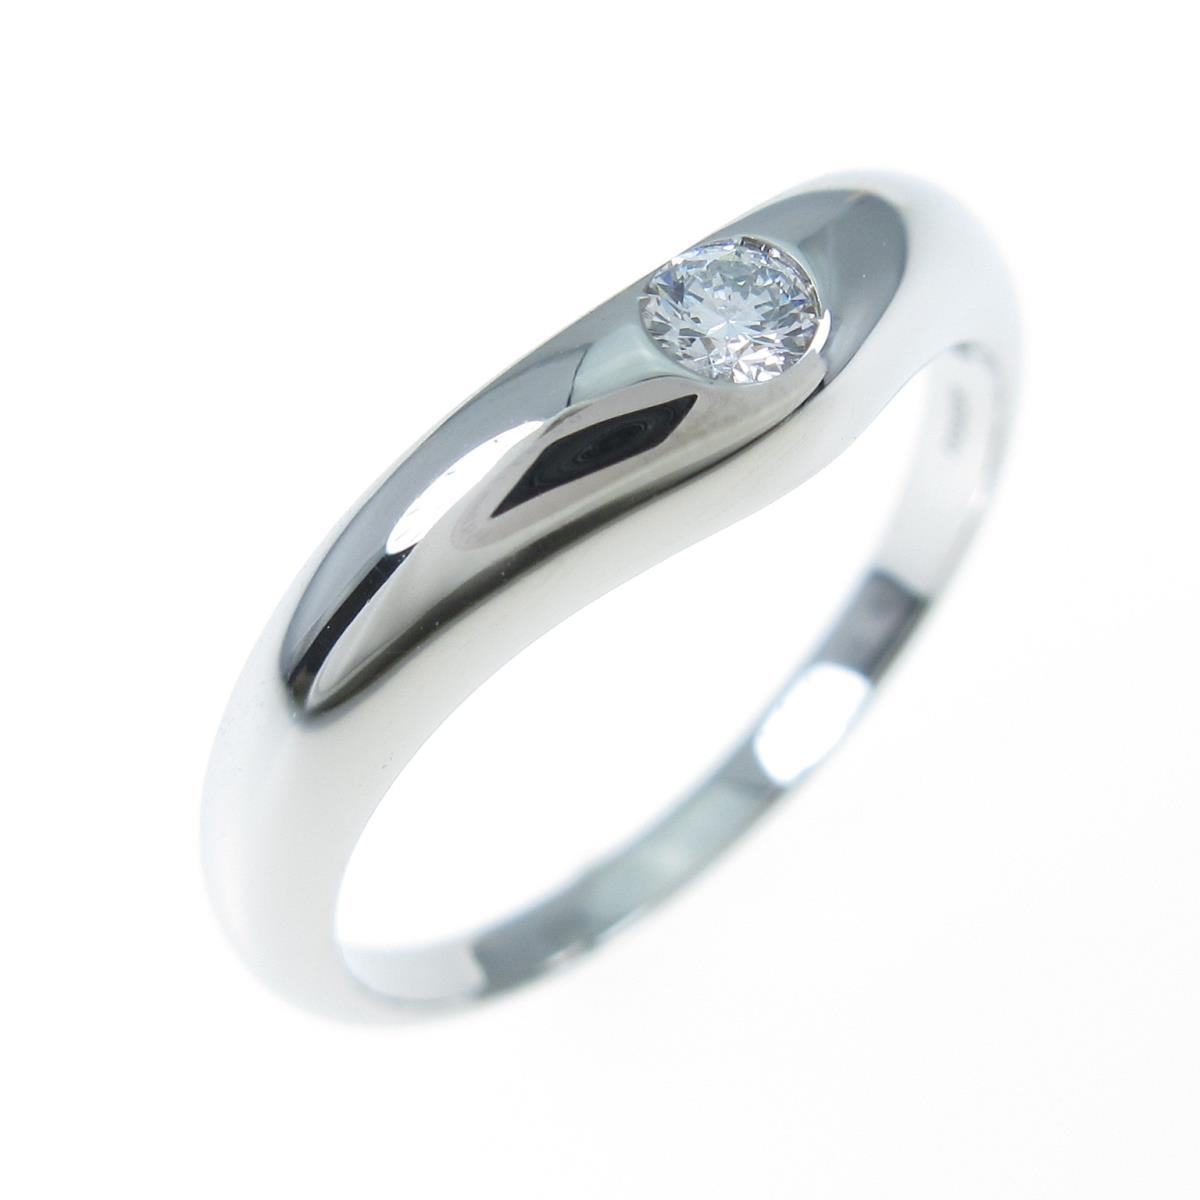 ブルガリ ダイヤモンドリング【中古】